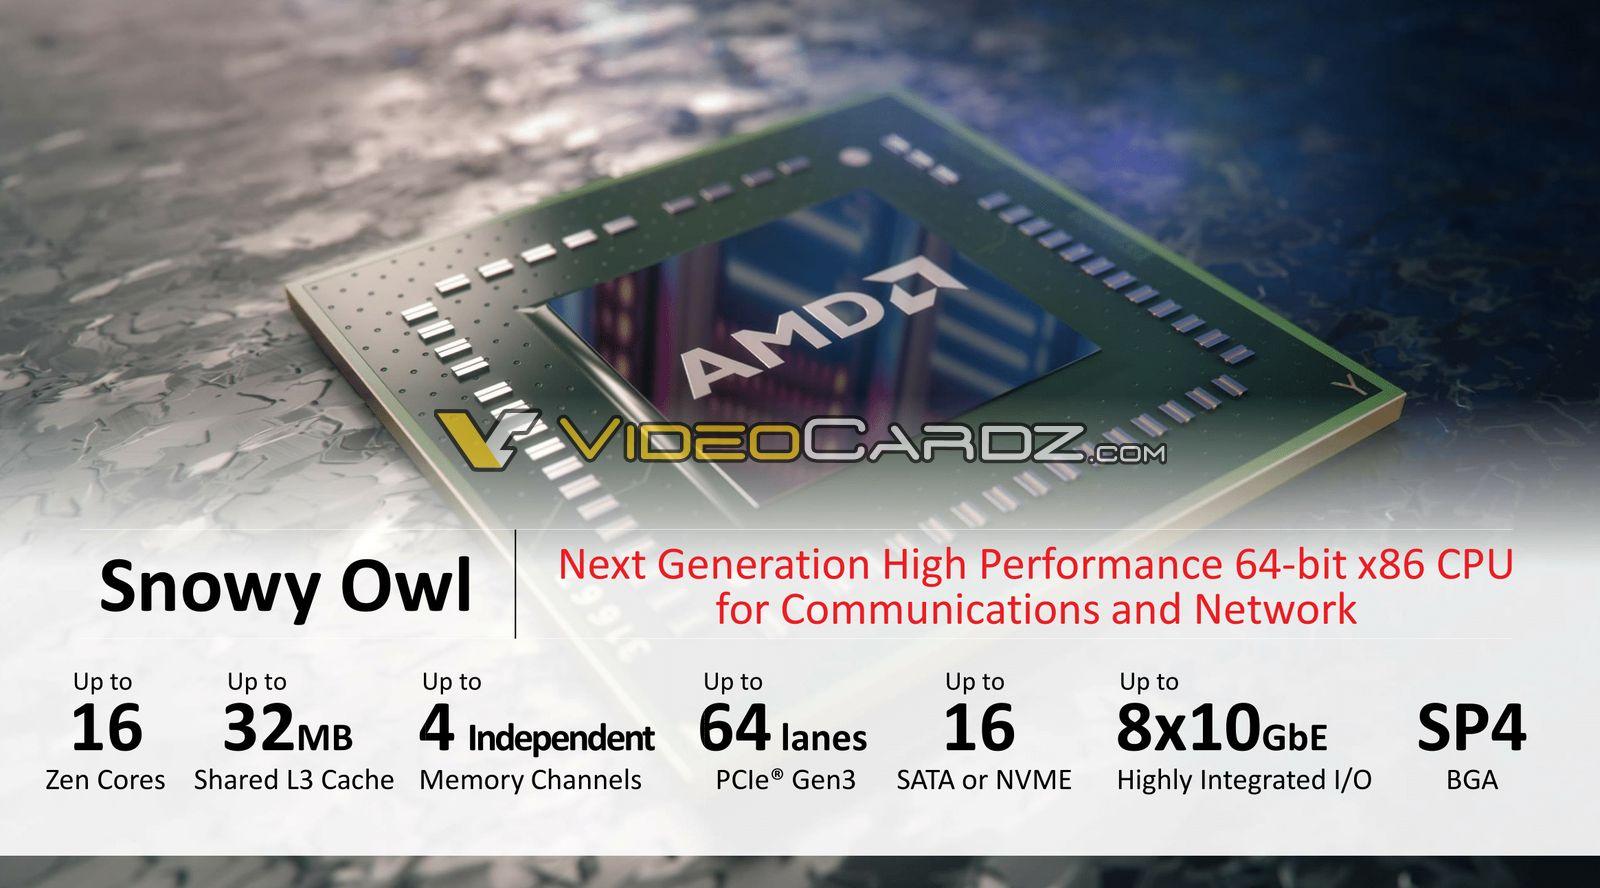 Klicke auf die Grafik für eine größere Ansicht  Name:AMD-Data-Center-Presentation-20_VC.jpg Hits:154 Größe:156,5 KB ID:665594